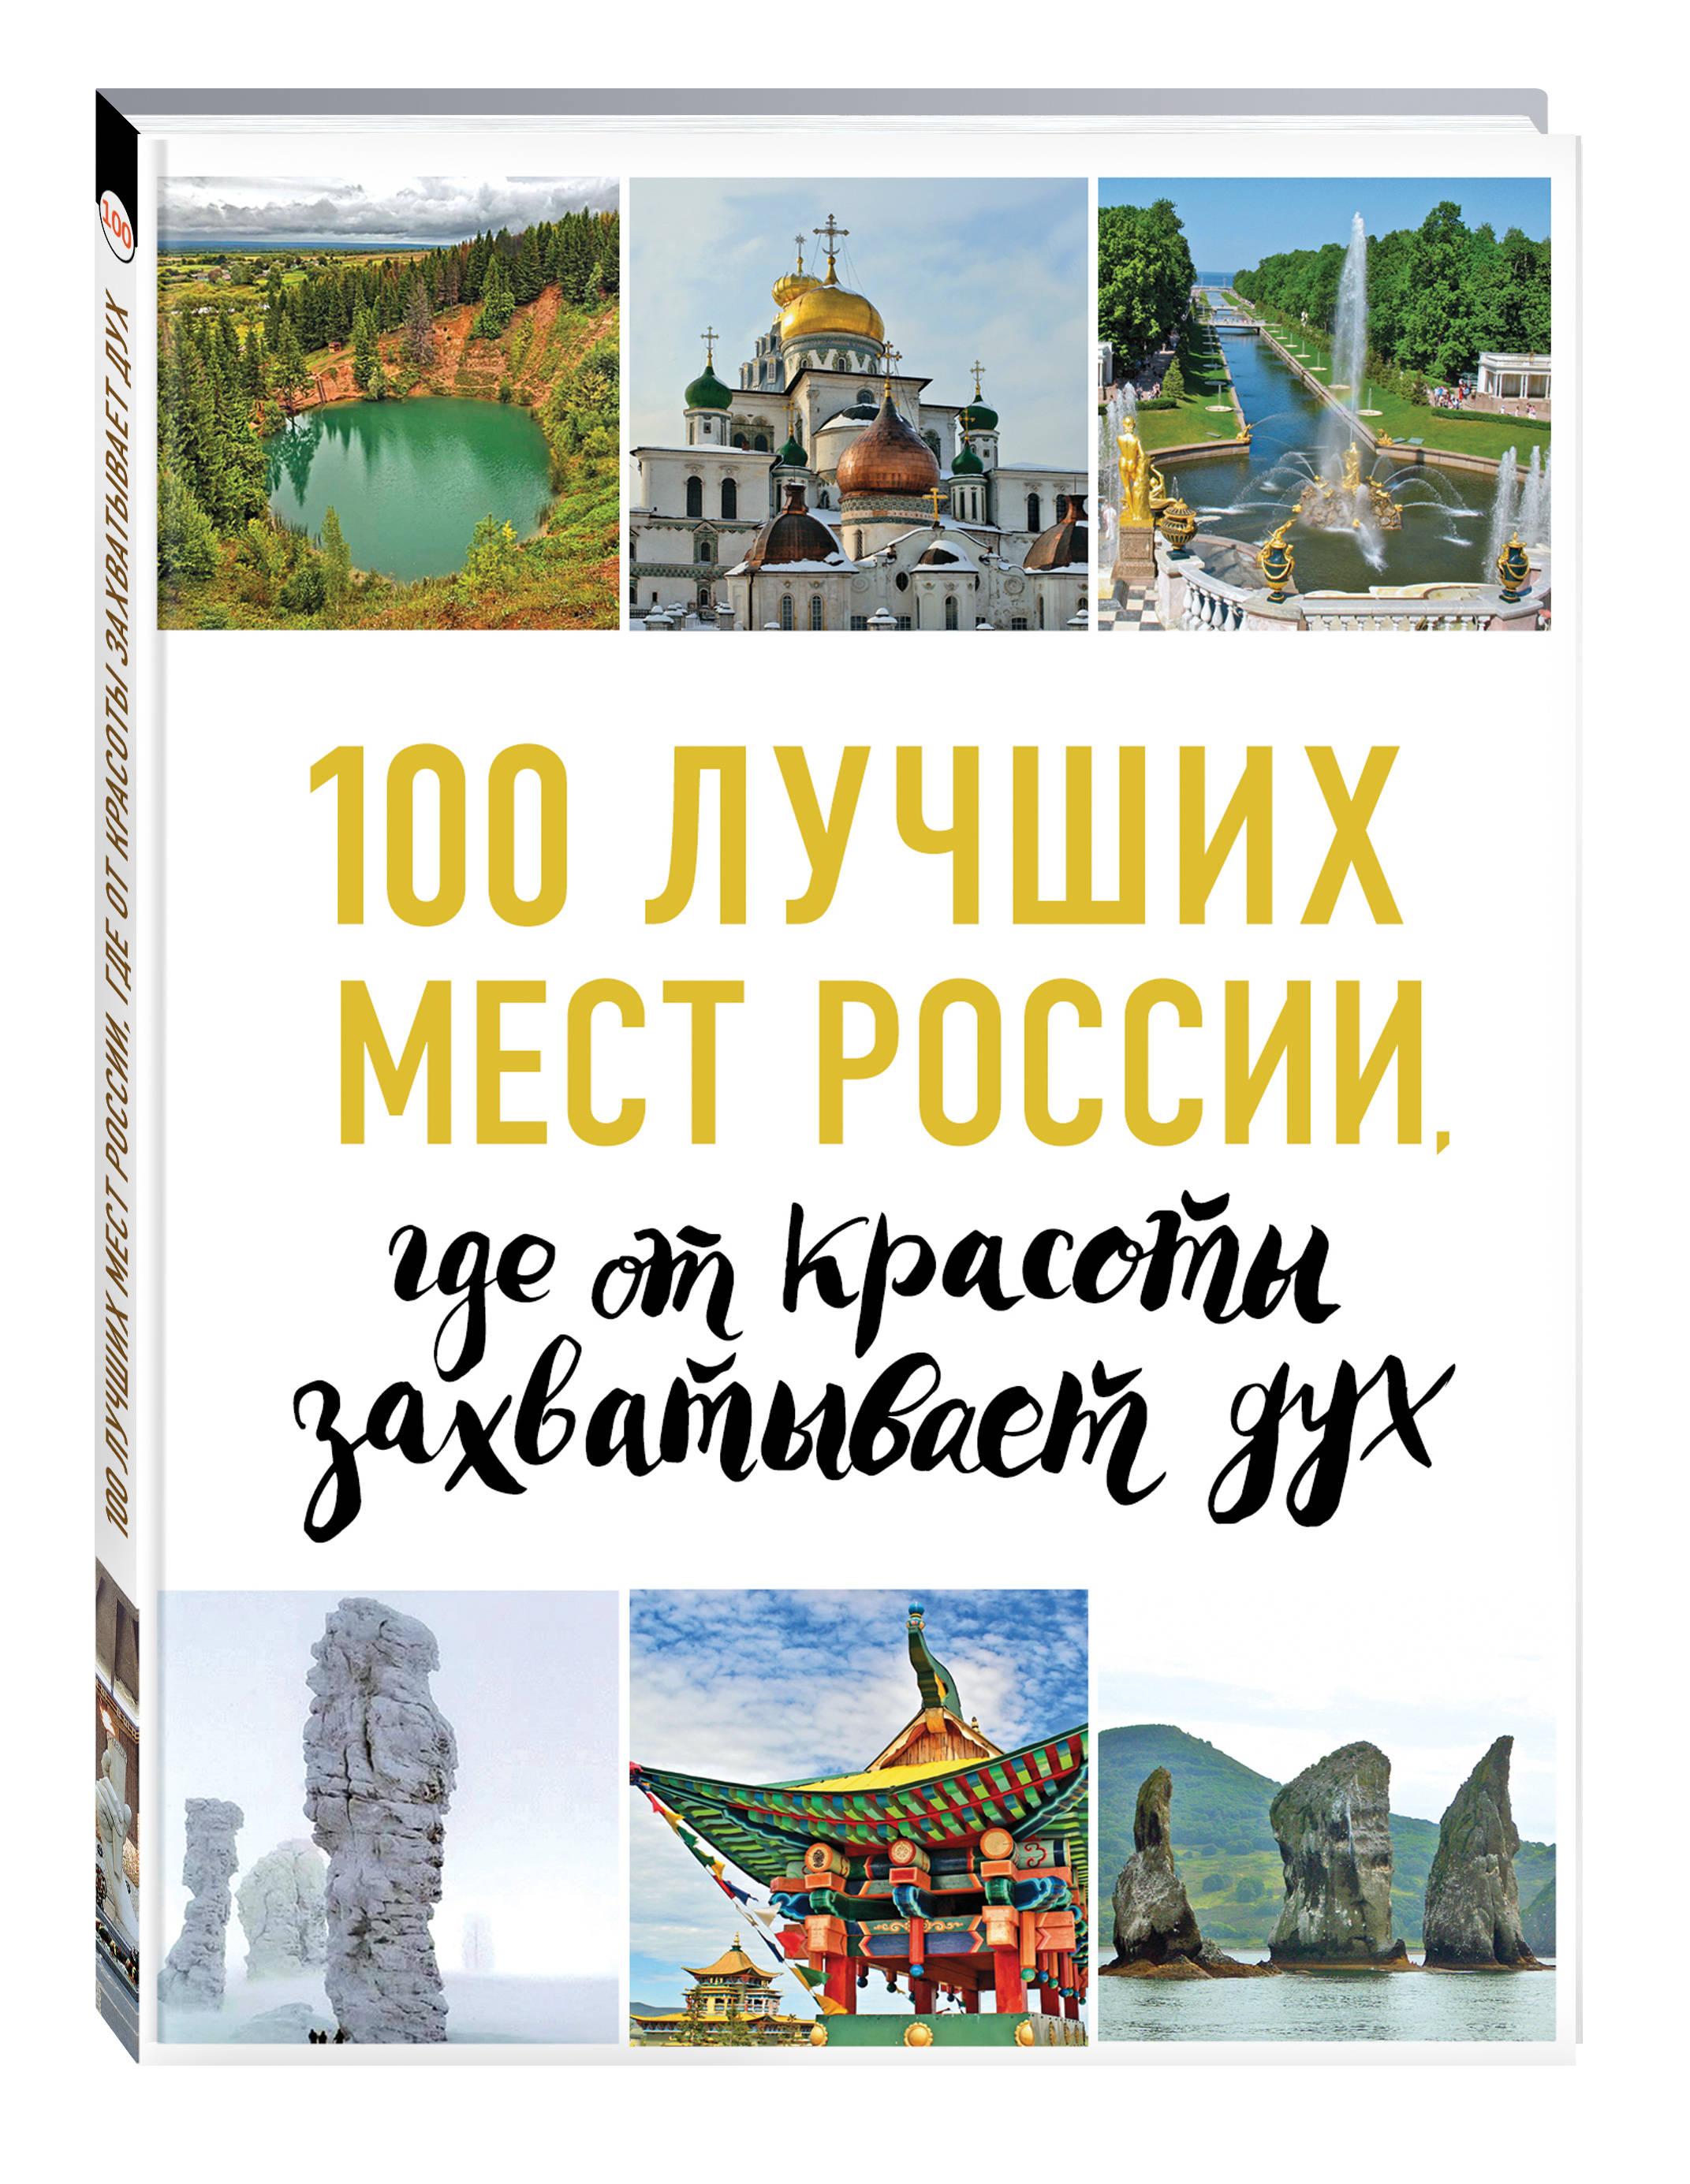 100 лучших мест России, где от красоты захватывает дух (нов. оф. серии)